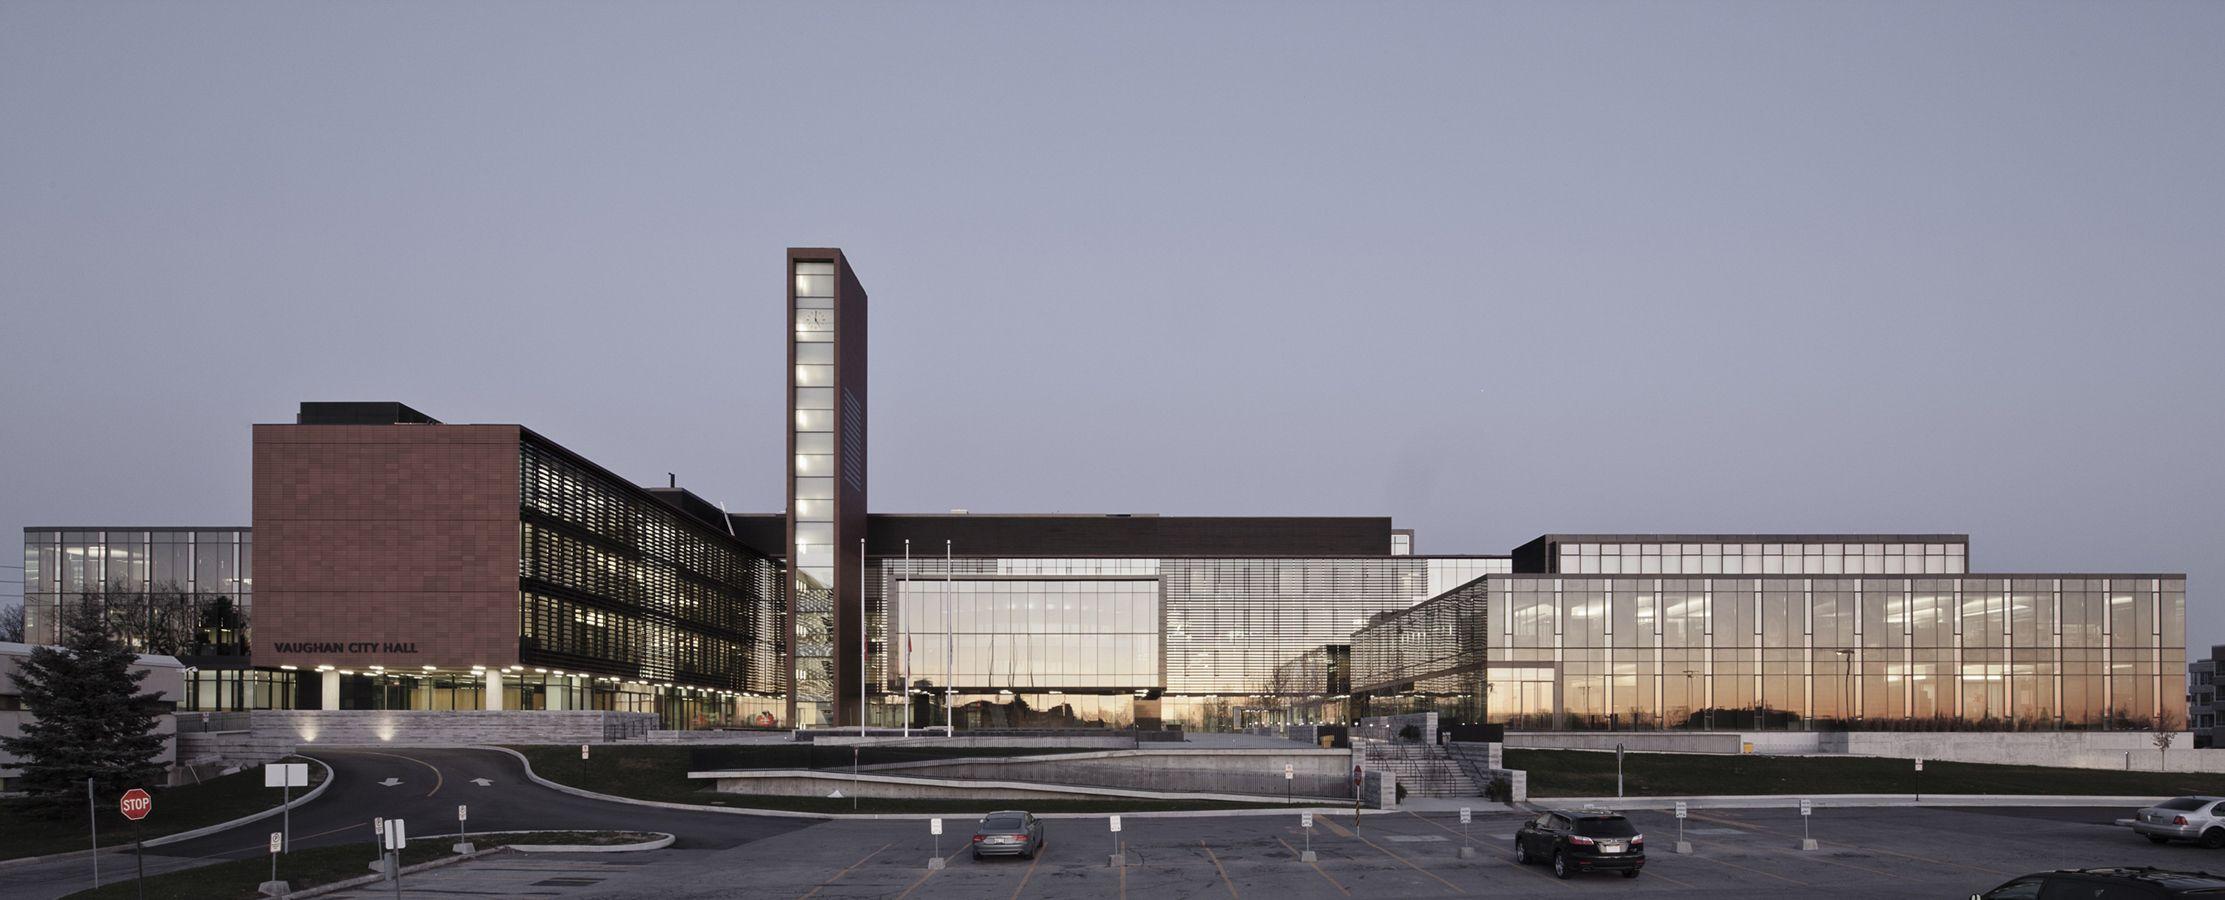 Archello City hall, Government architecture, Architect